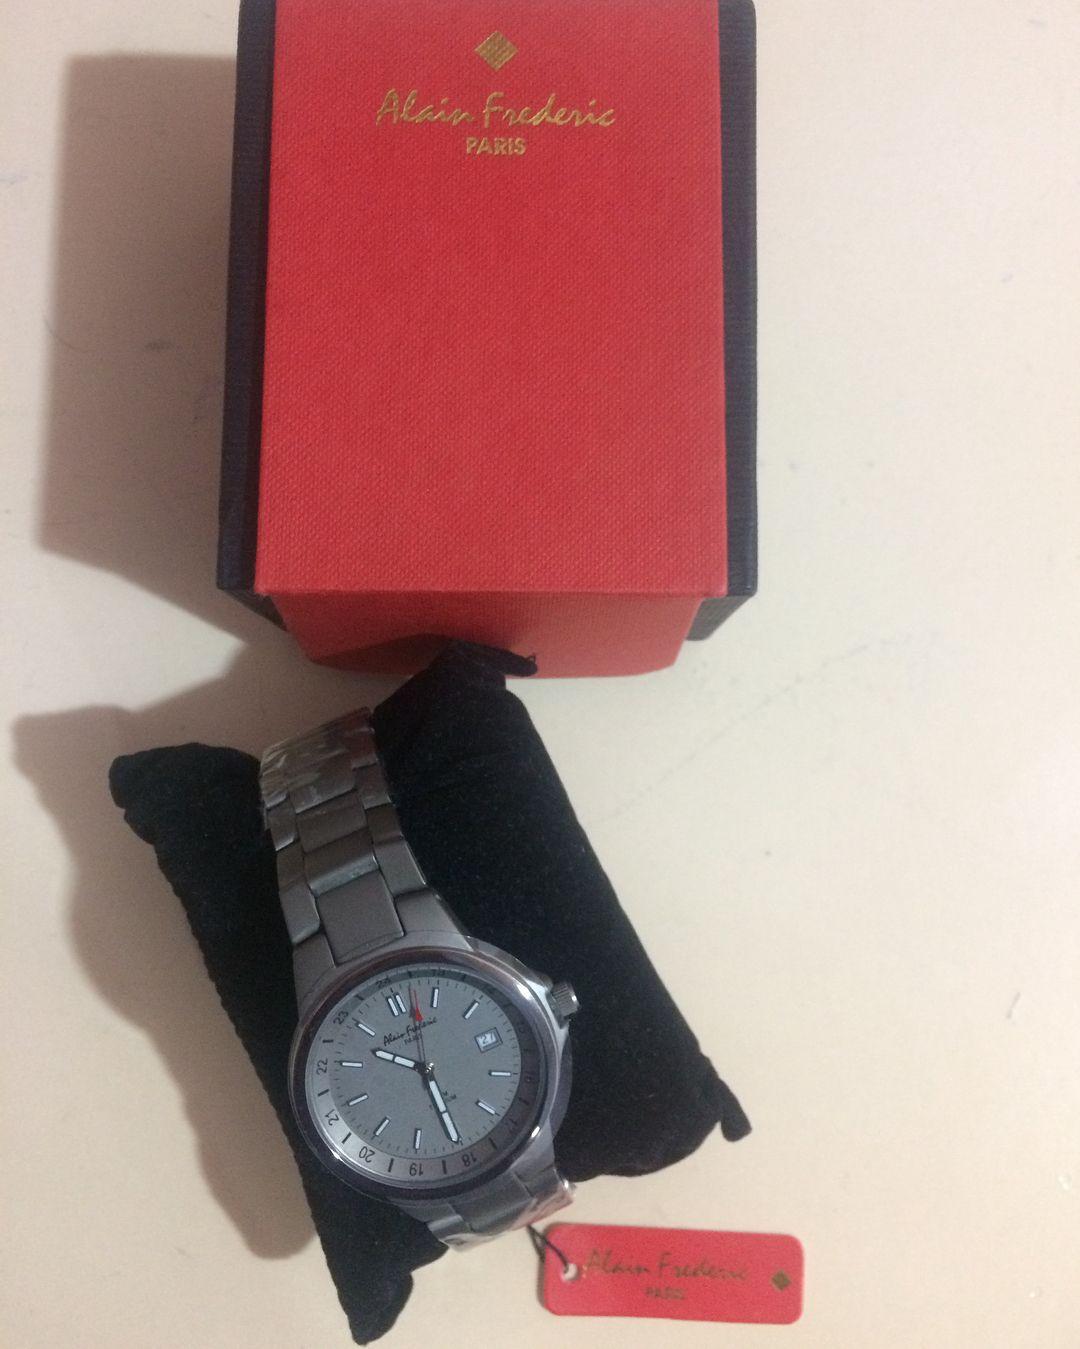 alain frederic paris titanyum erkek kol saati vintage vintagesaat vintagewatch saat saatler saatmodelleri vintagewatches paris accessories watches